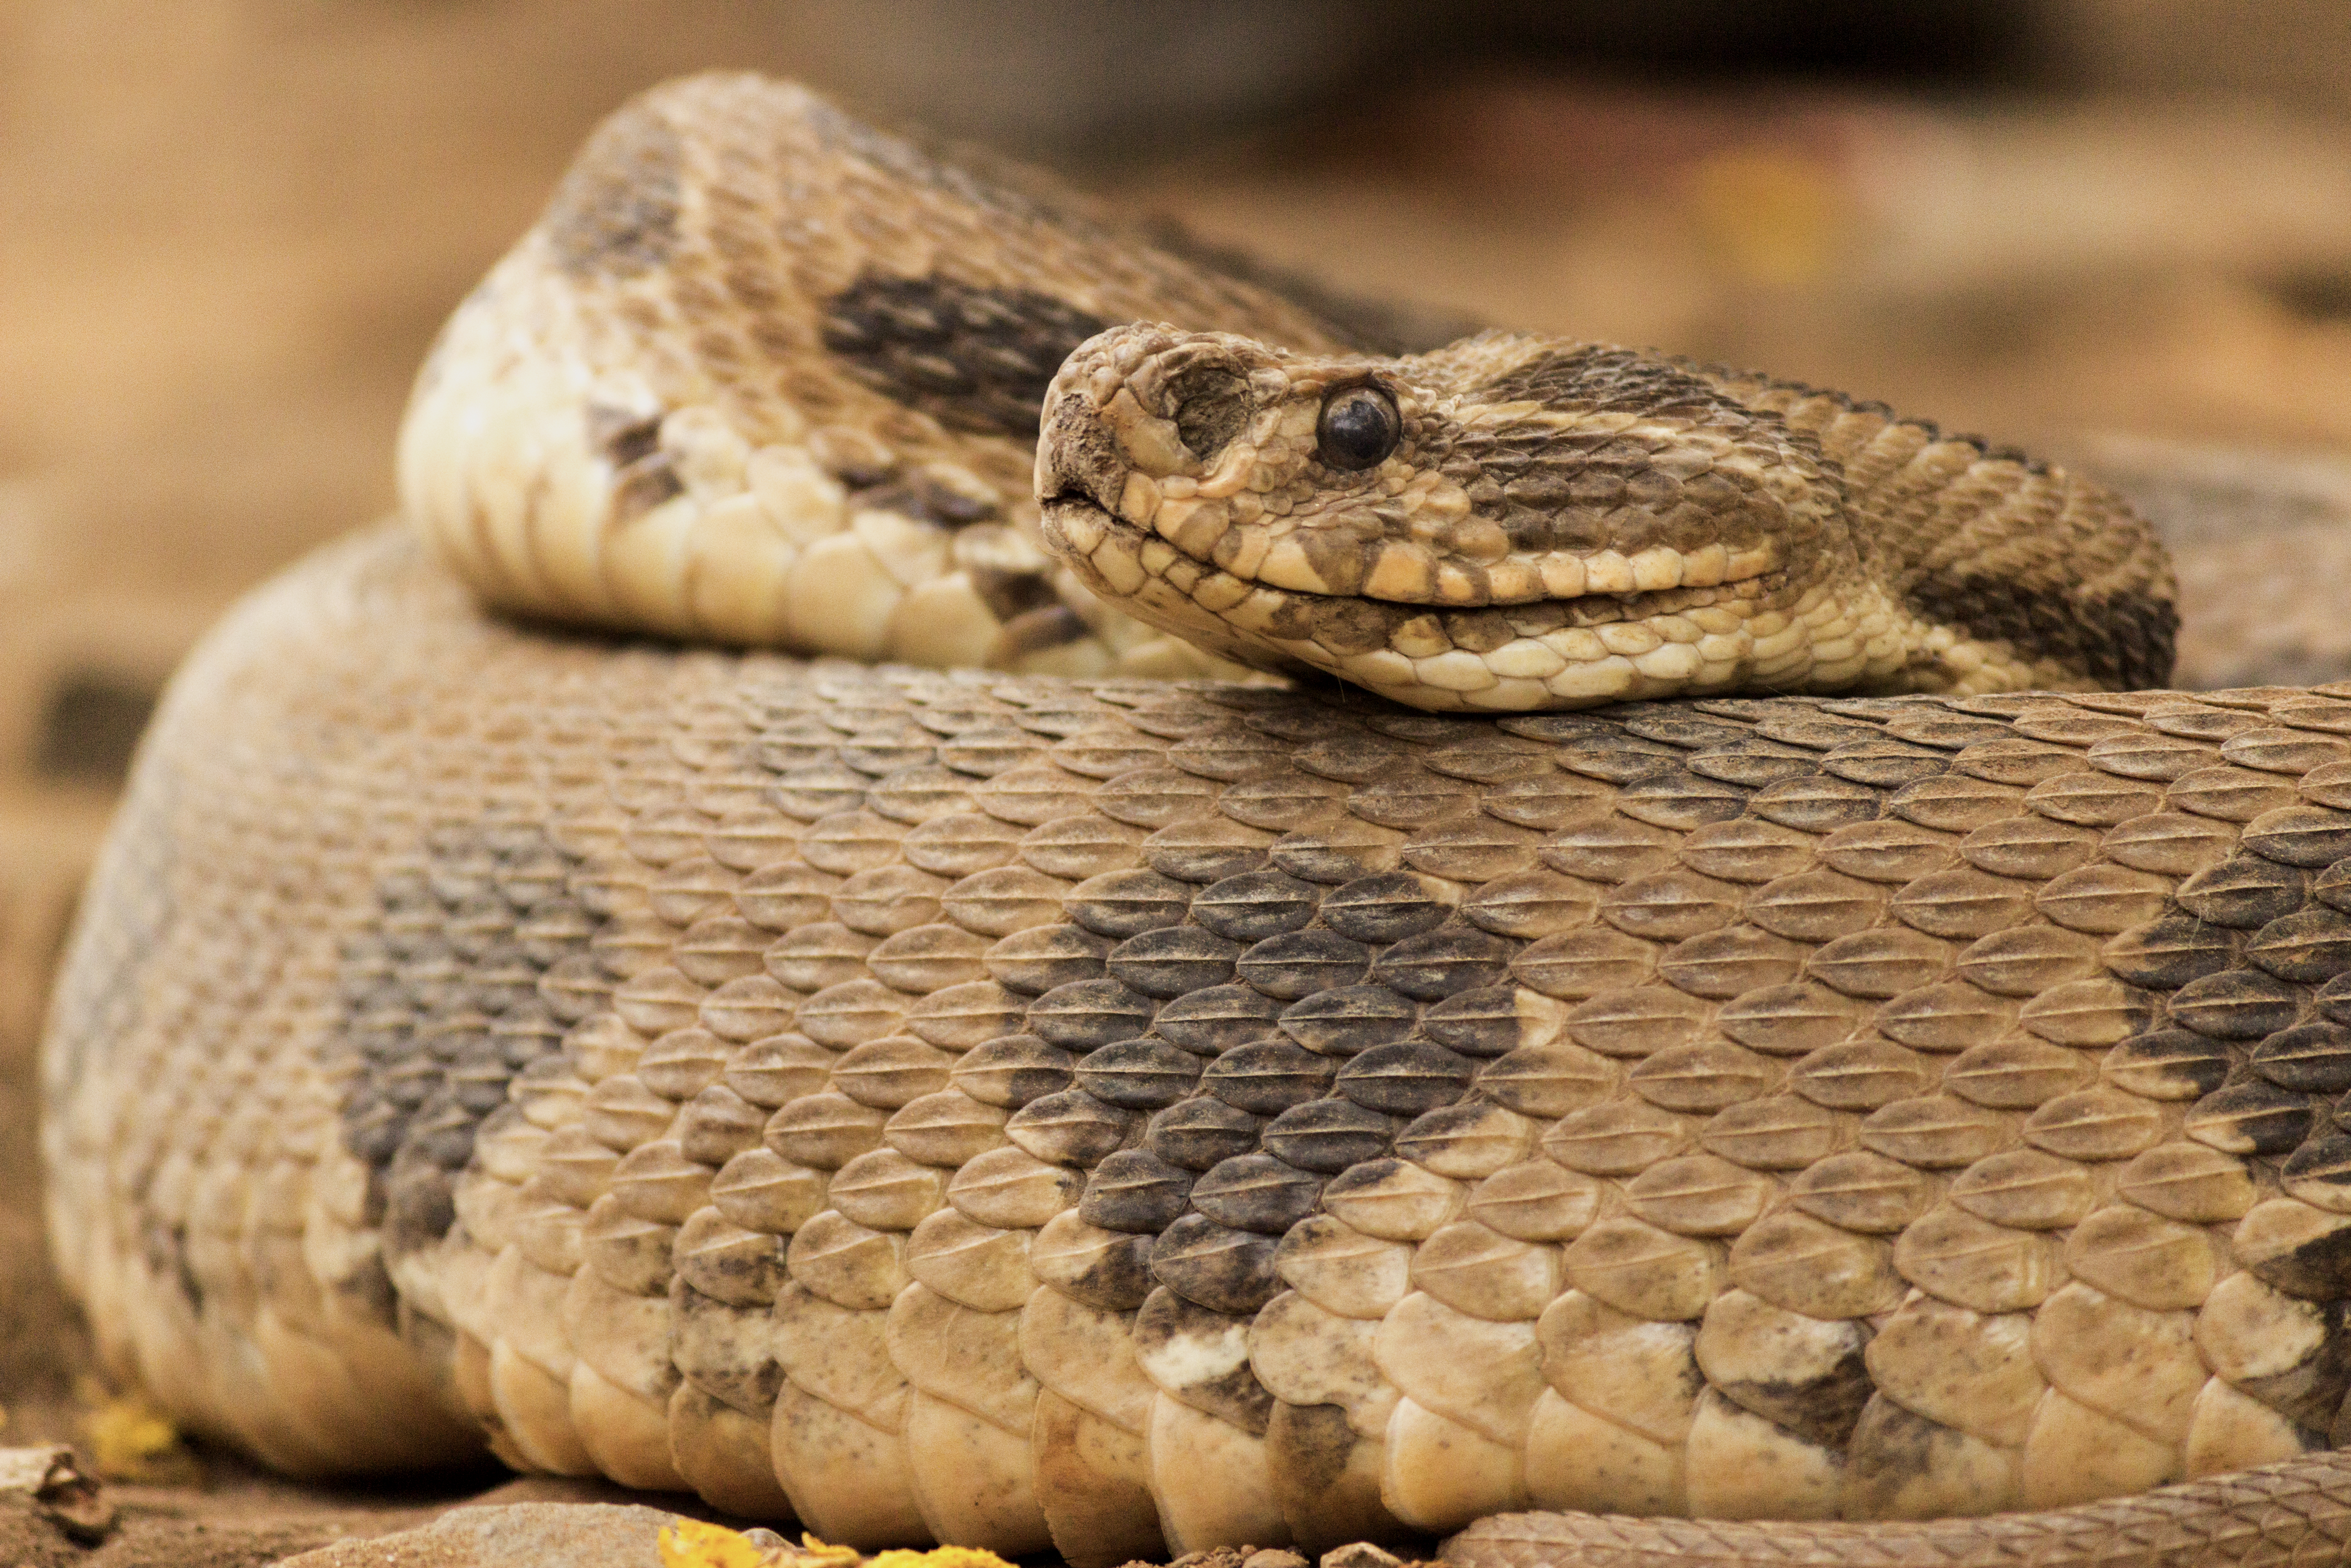 Rắn hổ mang và trăn lớn (mãng xà) được con người sùng kính và tôn thờ vì nỗi sợ hãi và những đặc tính tự nhiên của loài rắn